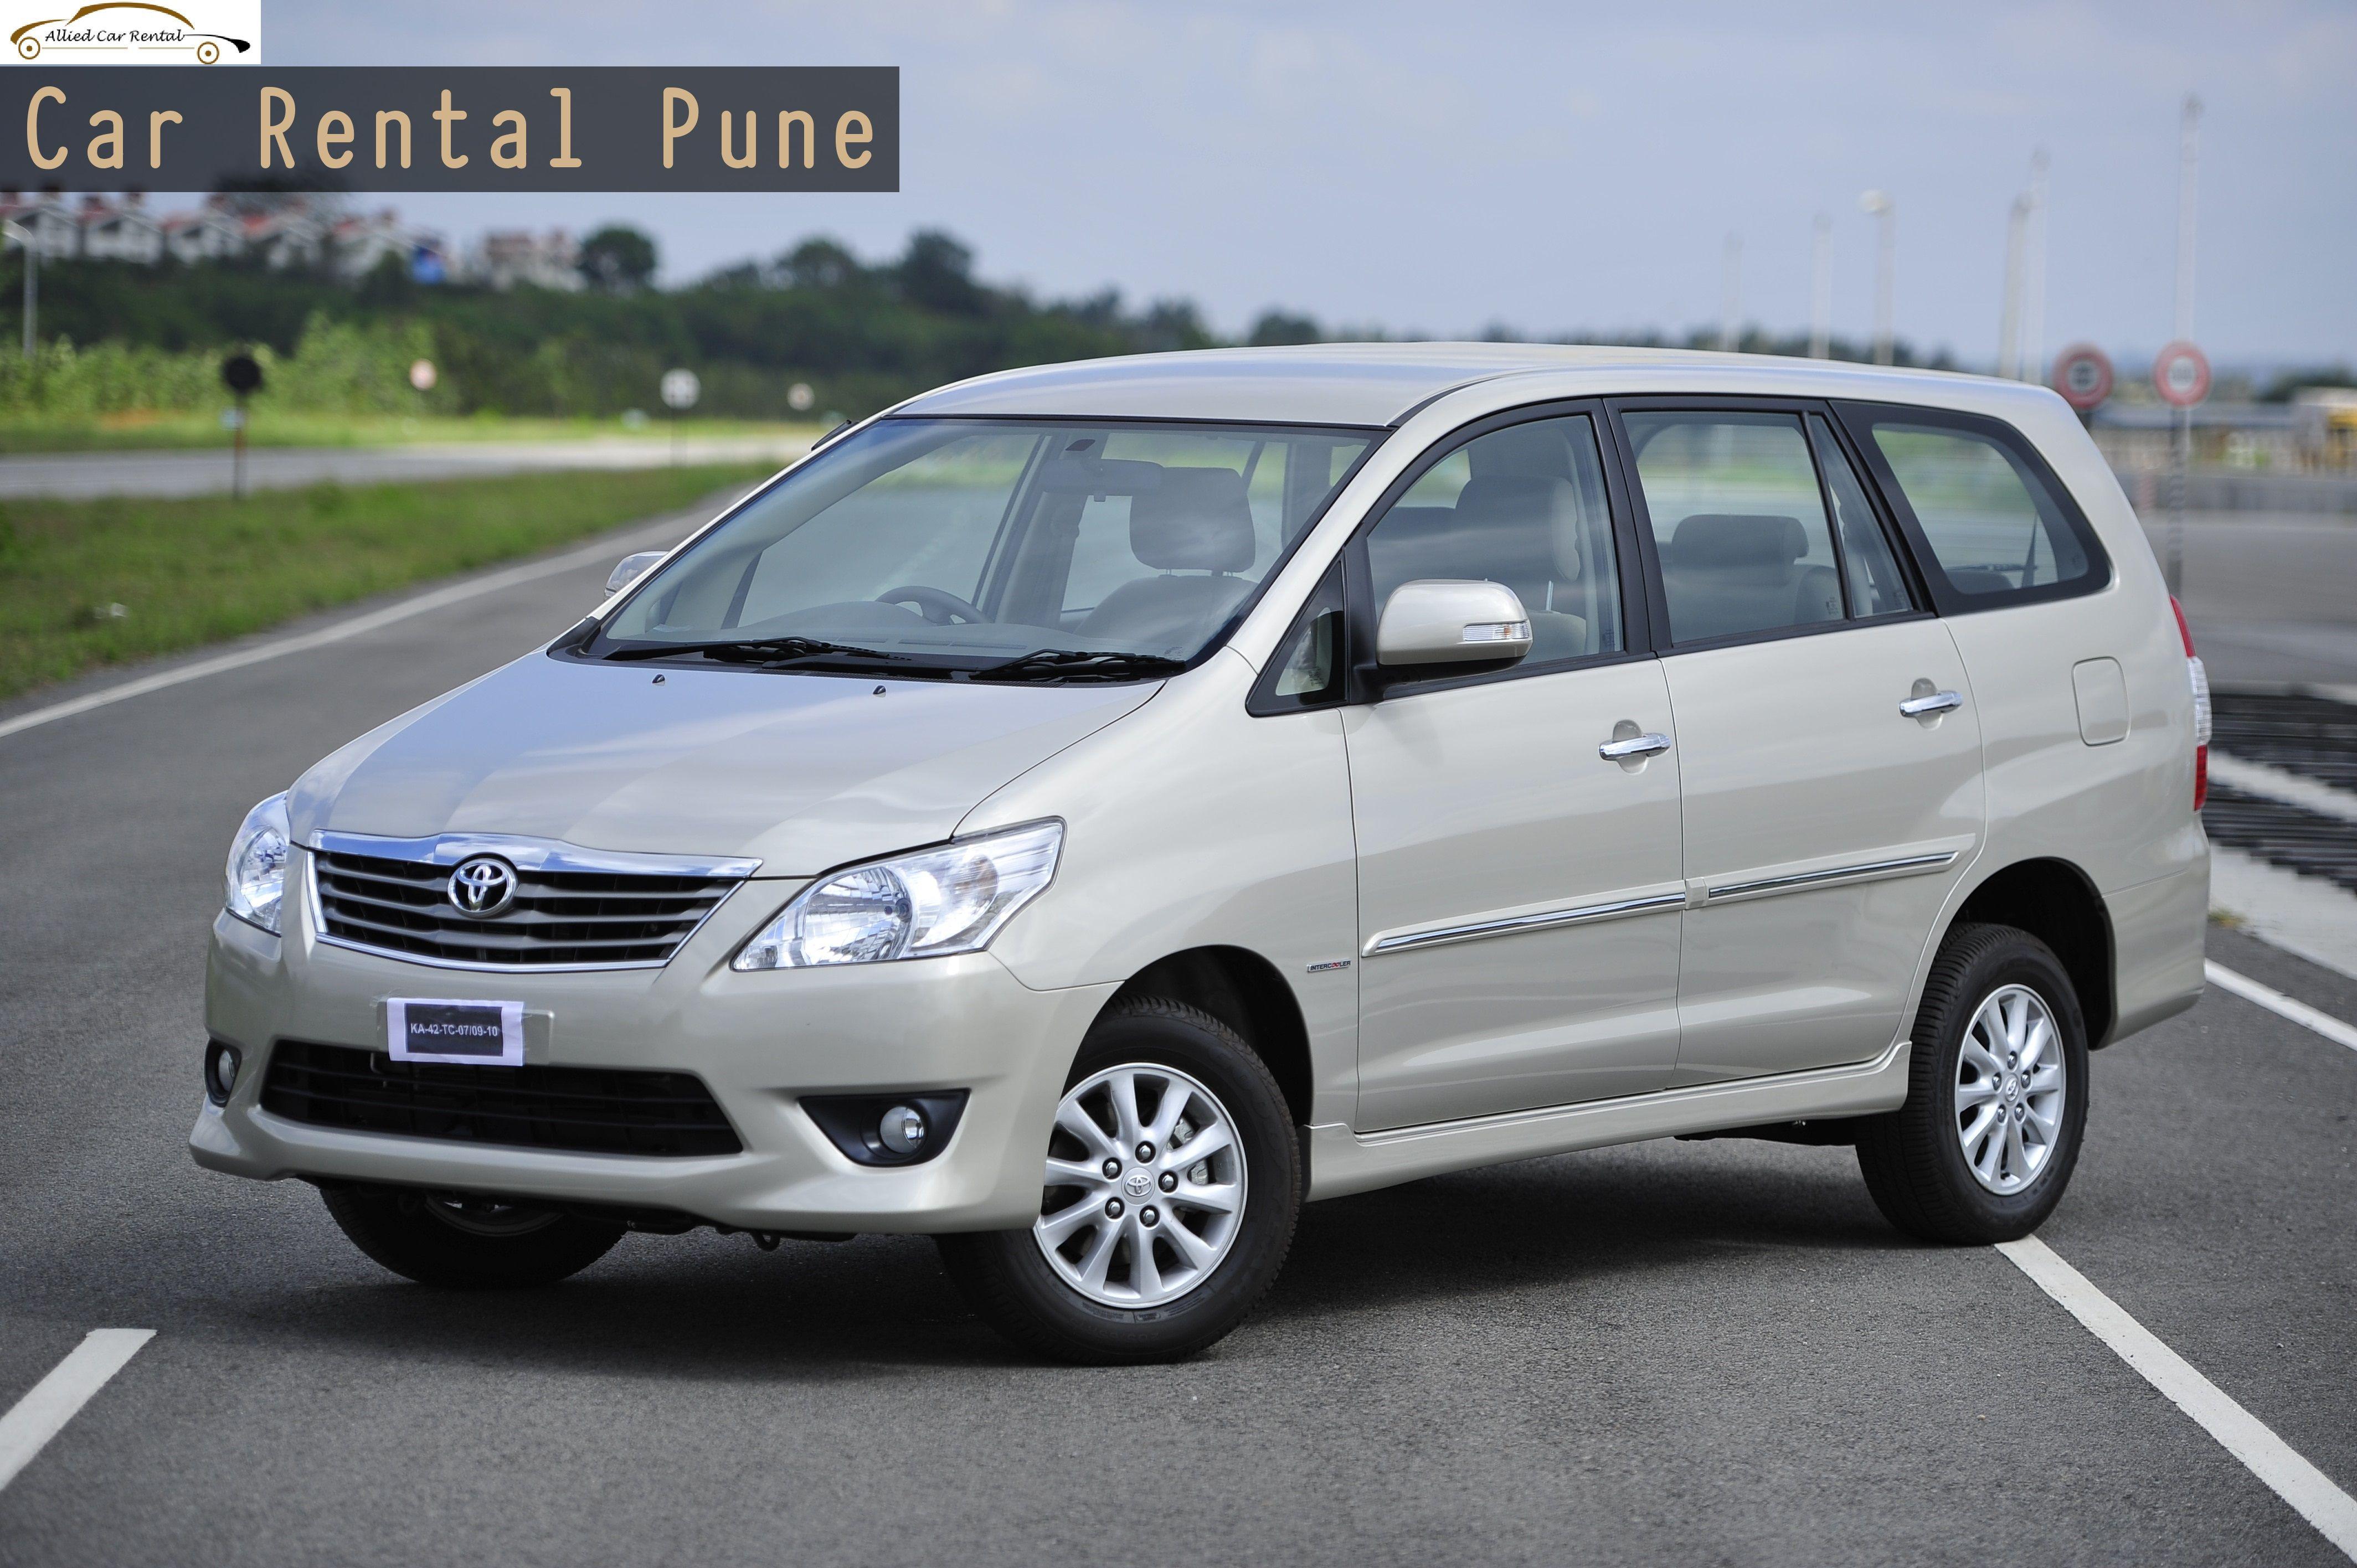 Car Rental in Pune Car rental, Car hire, Car rental service